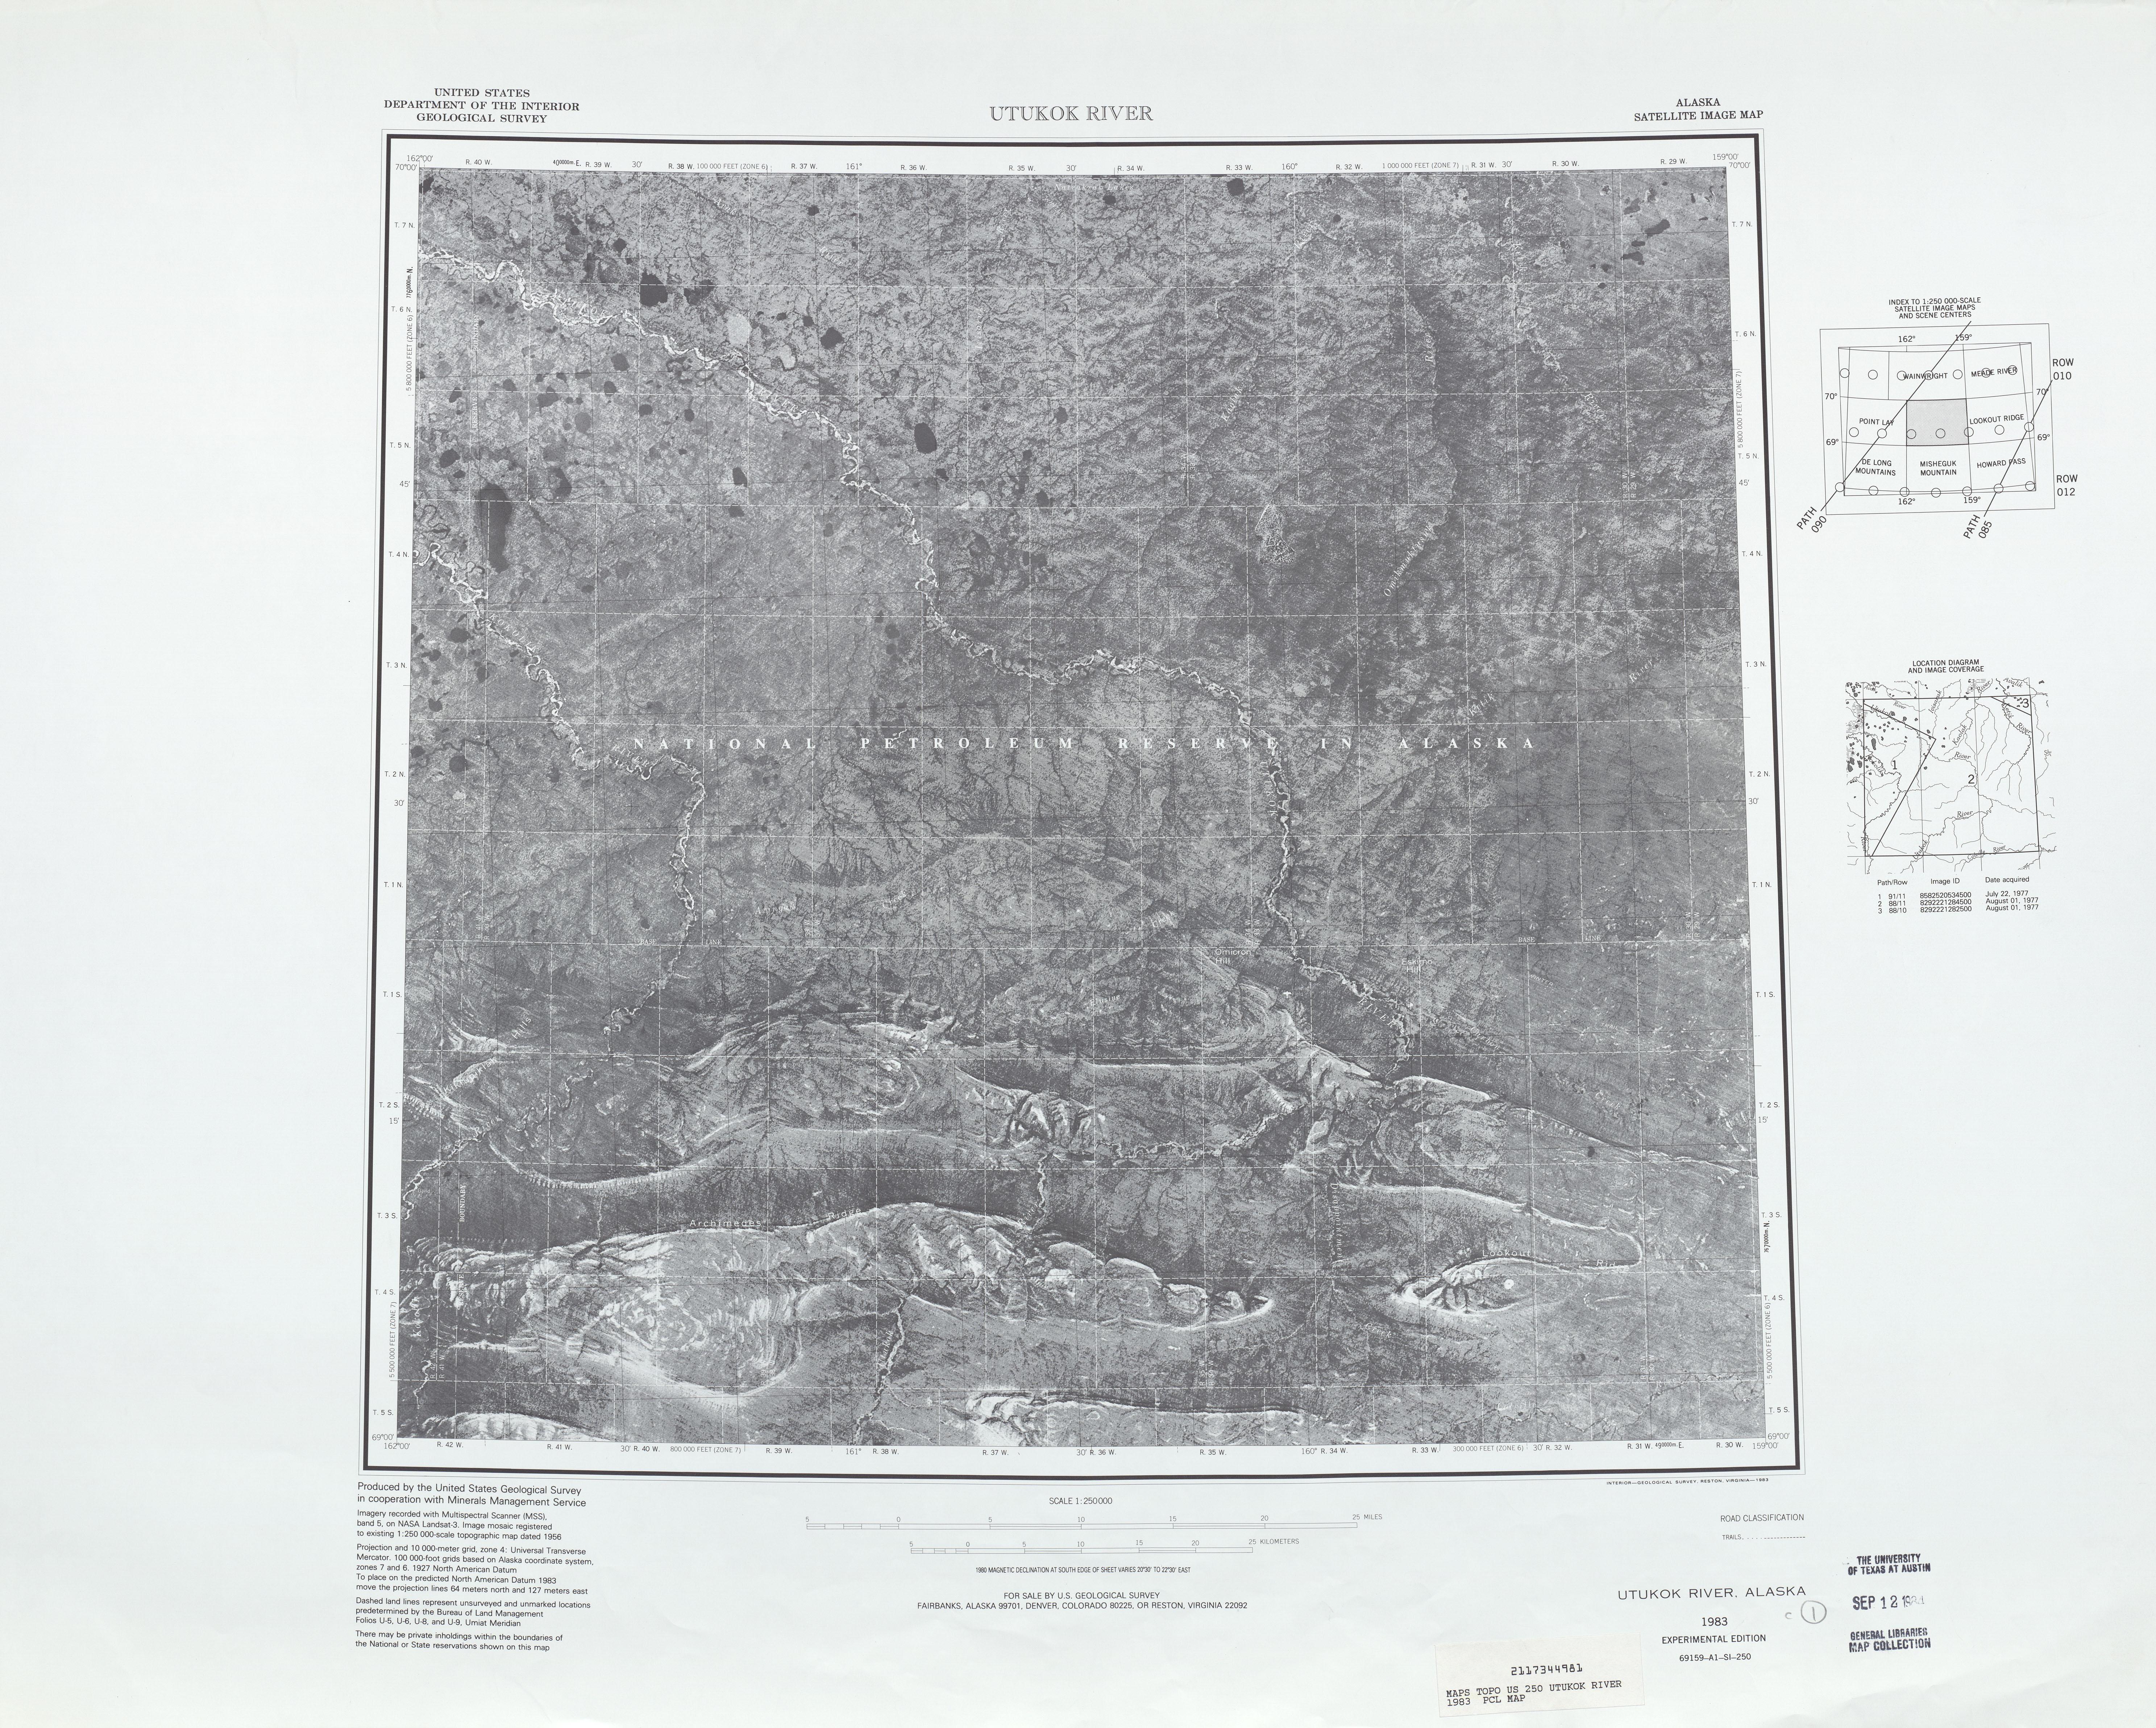 Hoja Utukok River  de la Imagen Satelital de los Estados Unidos 1983